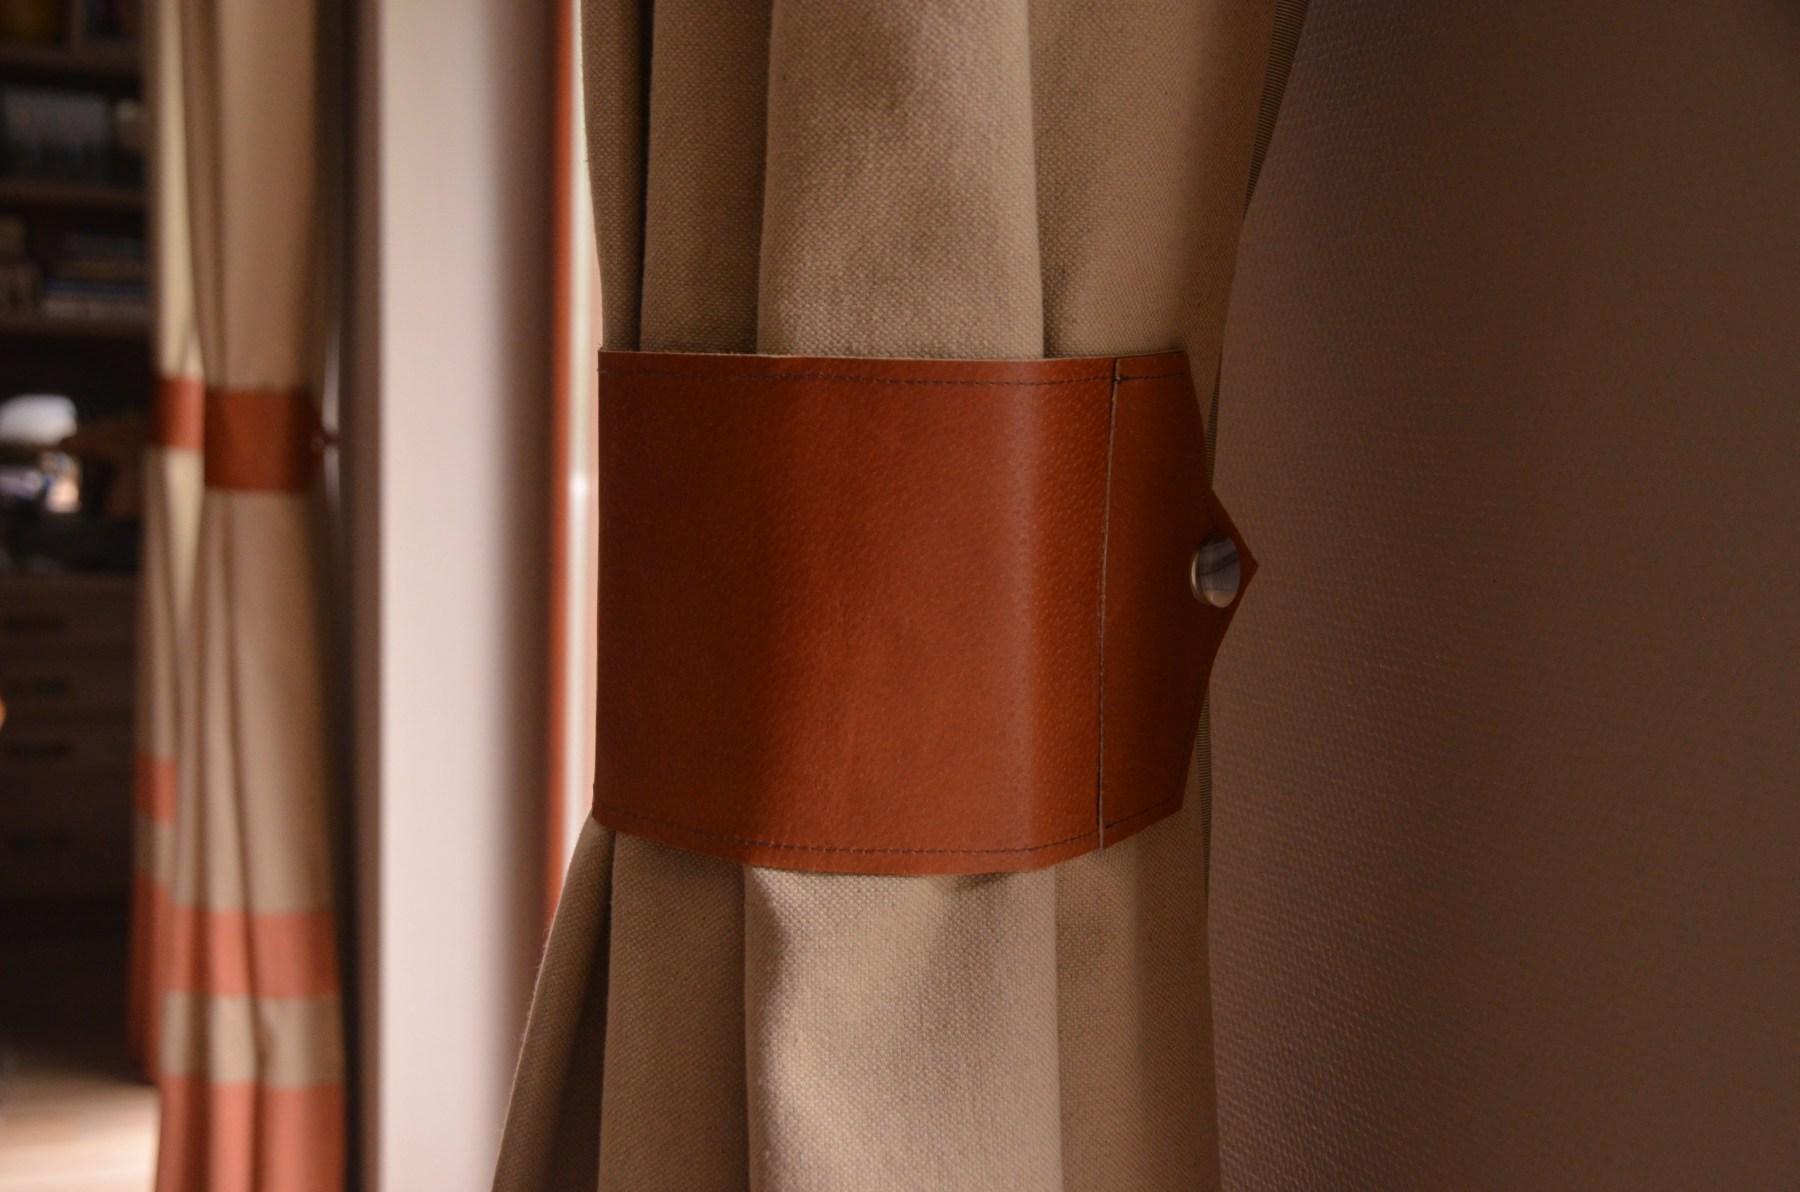 Skórzane opaski na zasłony spinają tkaninę